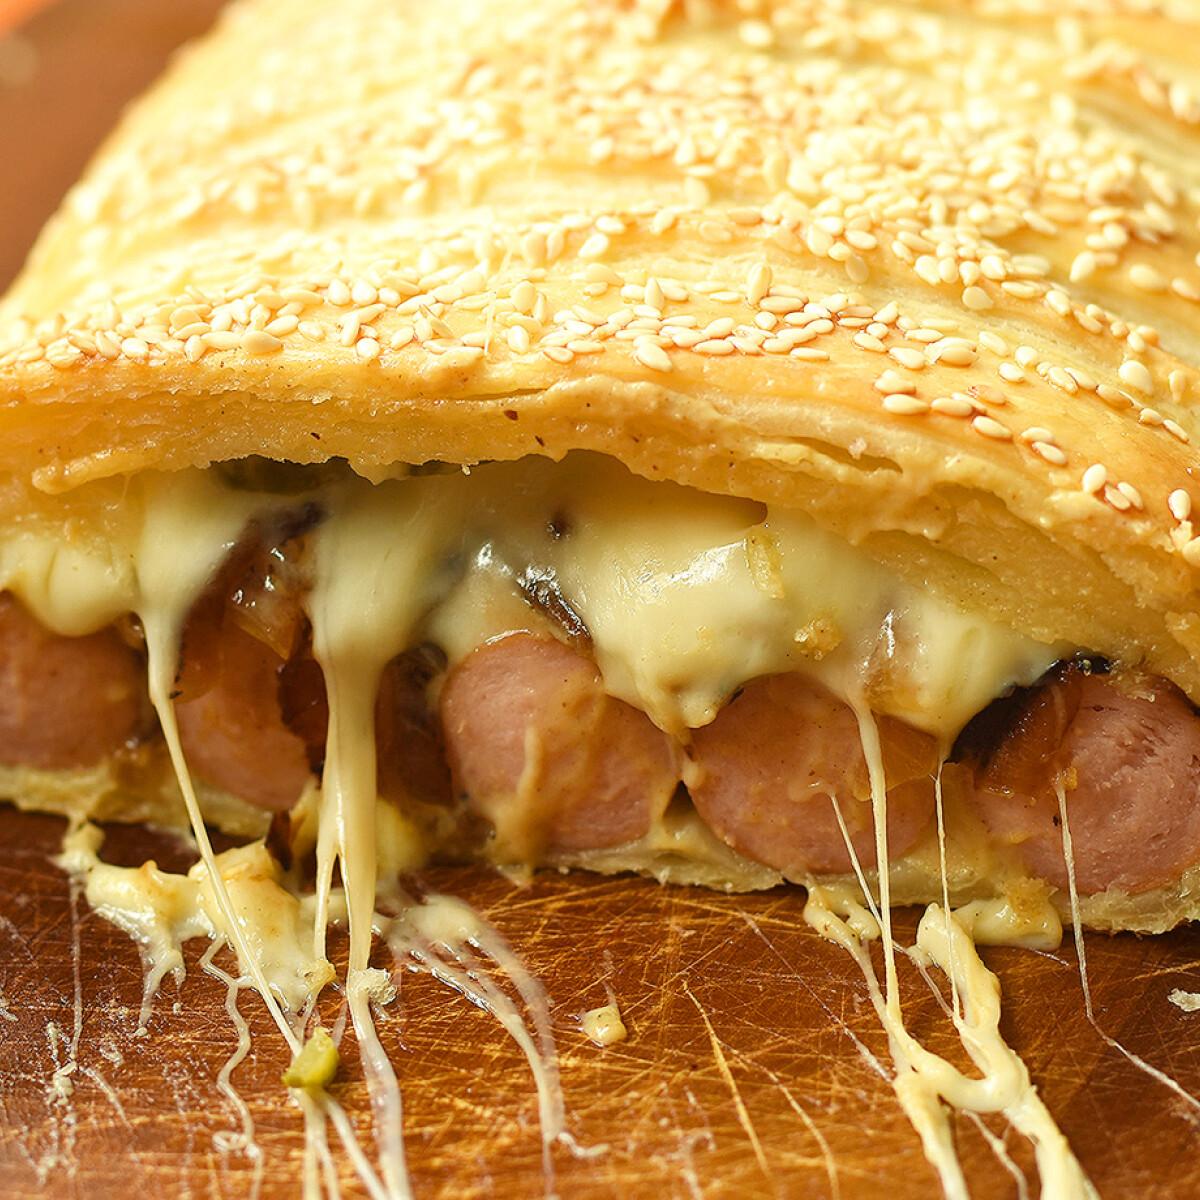 Ezen a képen: Hot dog leveles tésztában